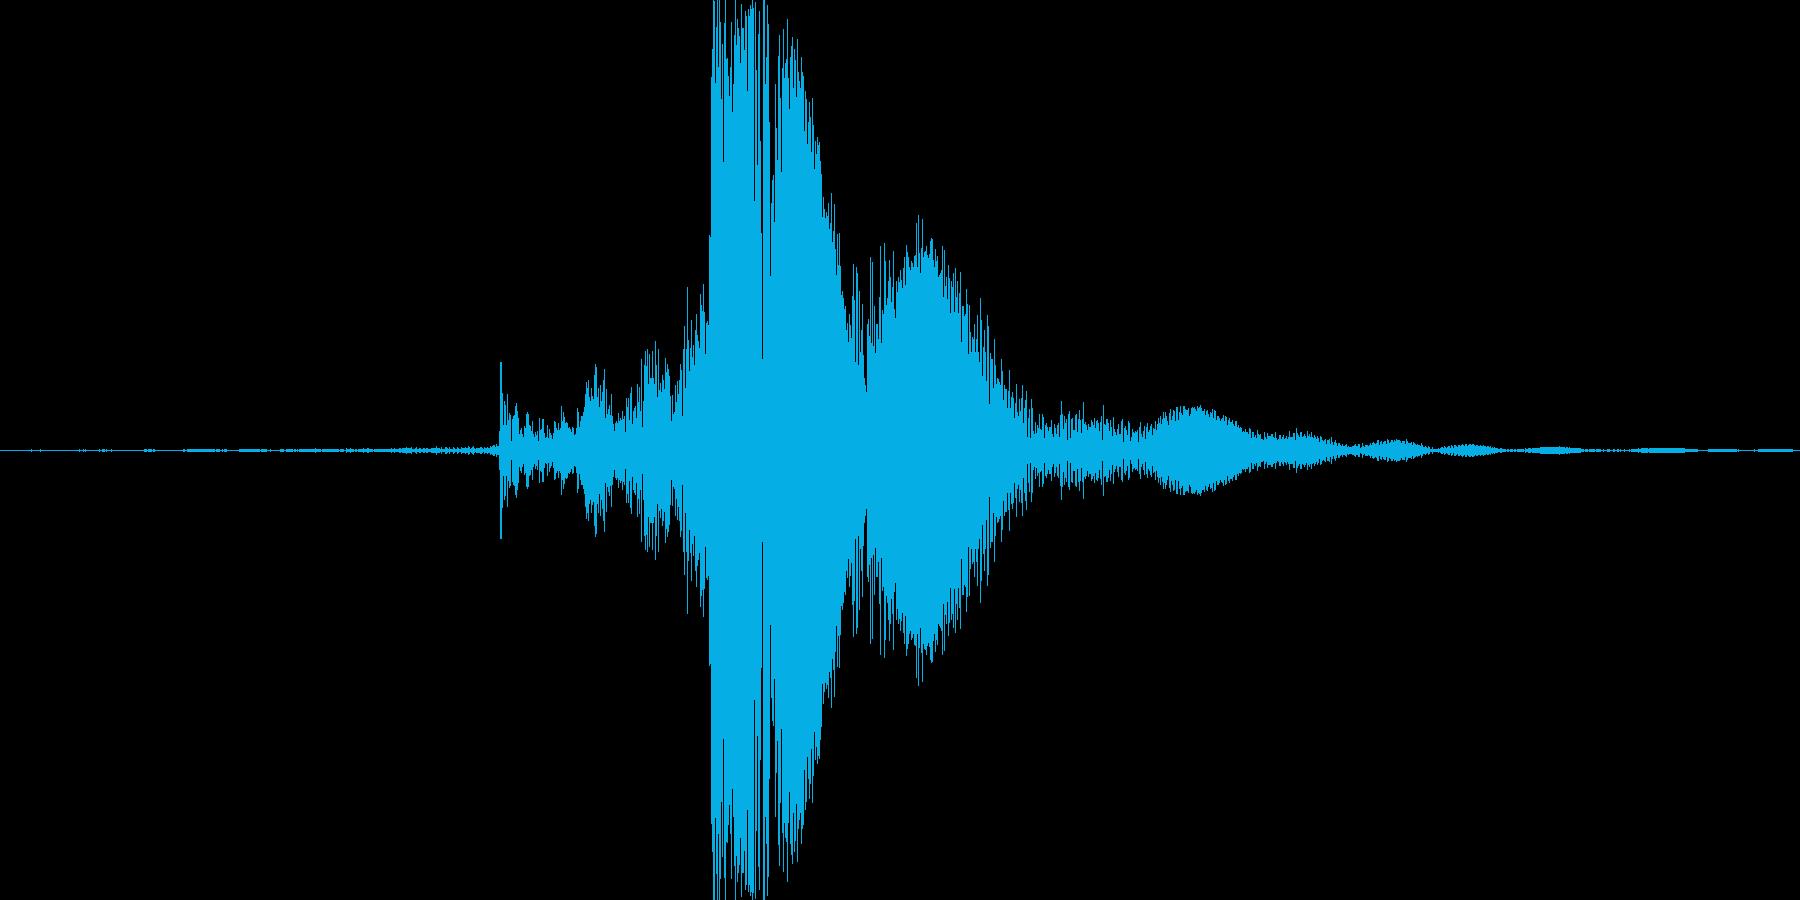 チャッ。ジッポーライターの蓋を閉める音の再生済みの波形